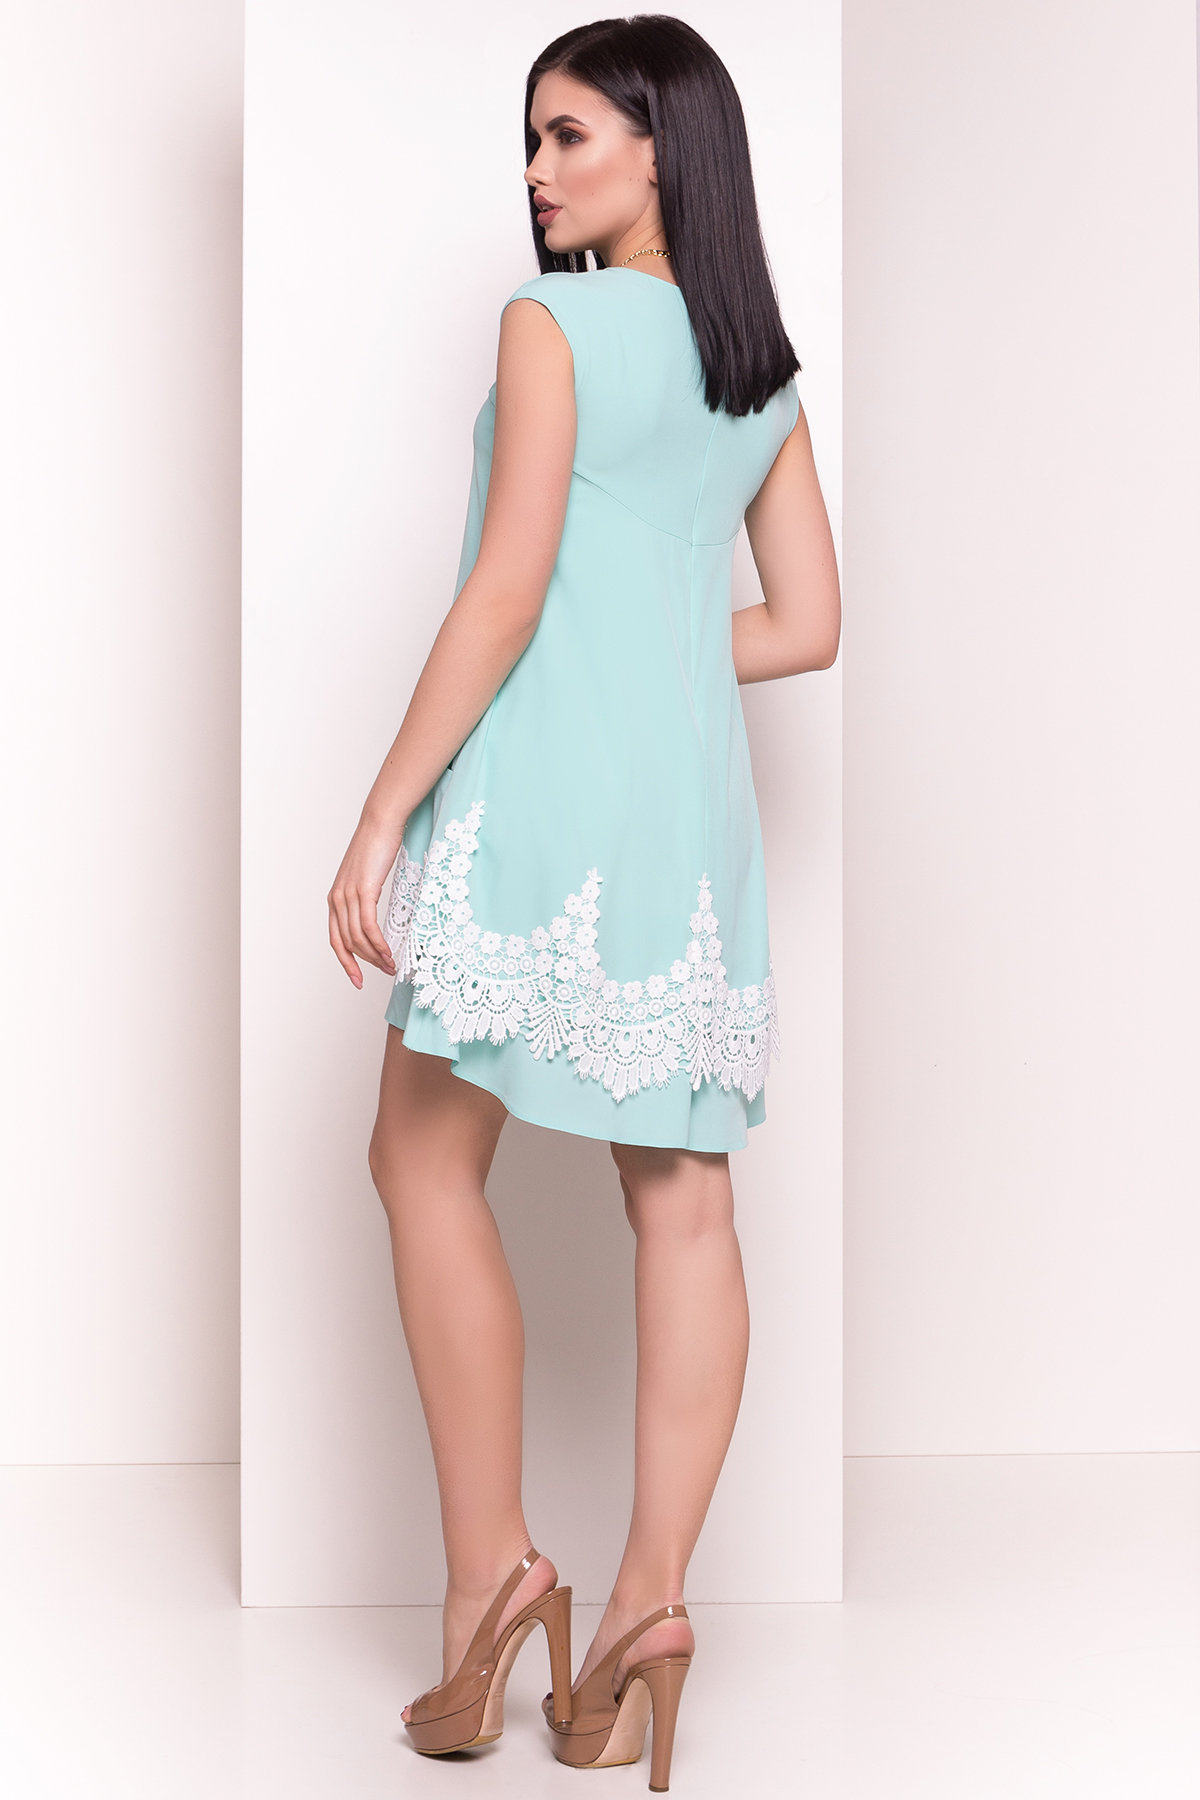 Платье Арвель 4894 АРТ. 34972 Цвет: Мята - фото 3, интернет магазин tm-modus.ru